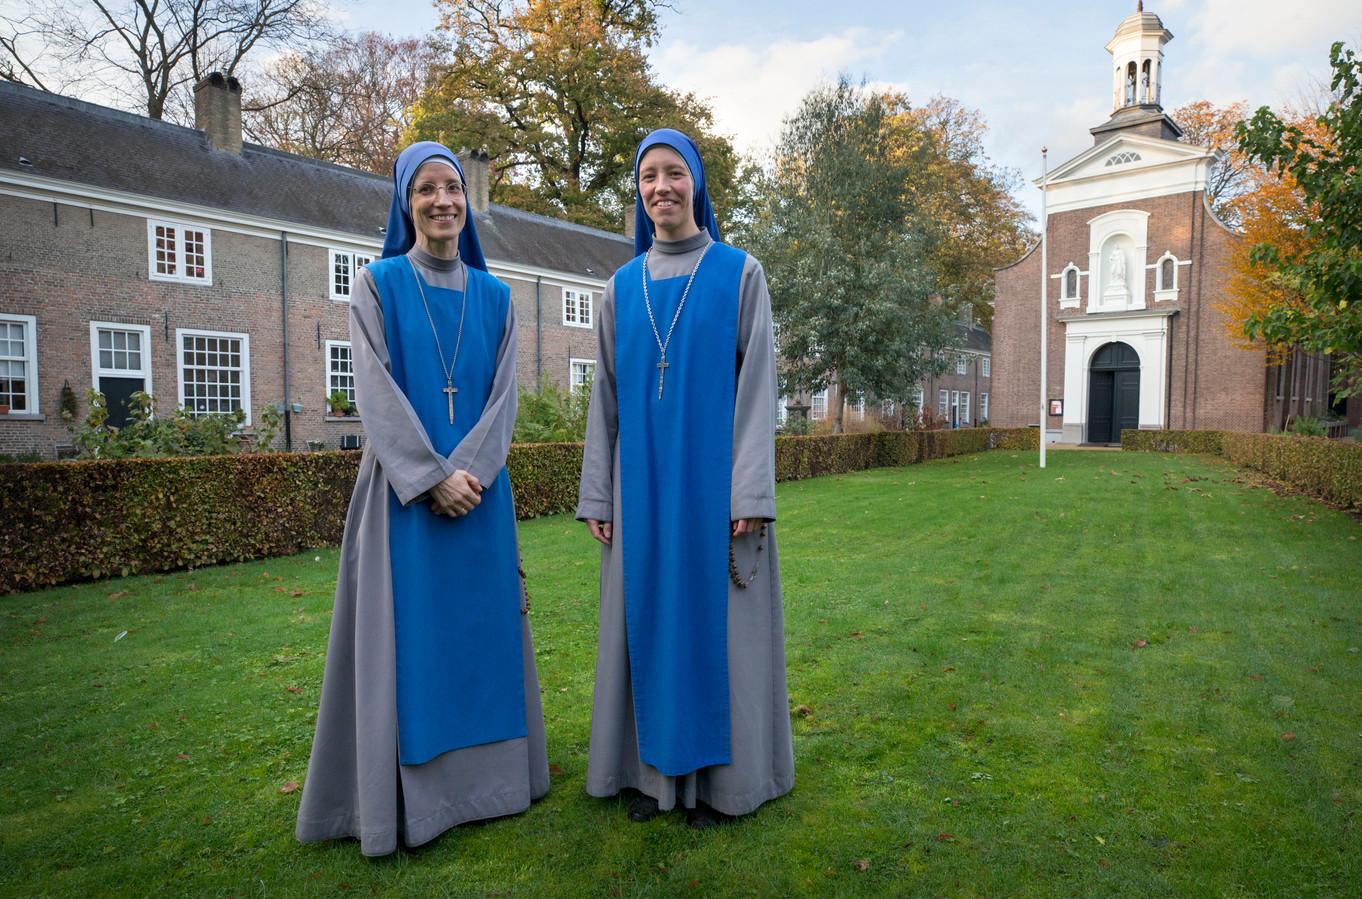 Zuster Maria Koningin van de Vrede (links) en zuster Maria van Jesse (r) van de congregatie Dienaressen van de Heer en de Maagd van Matará wonen sinds kort in het begijnenhofje in Breda.